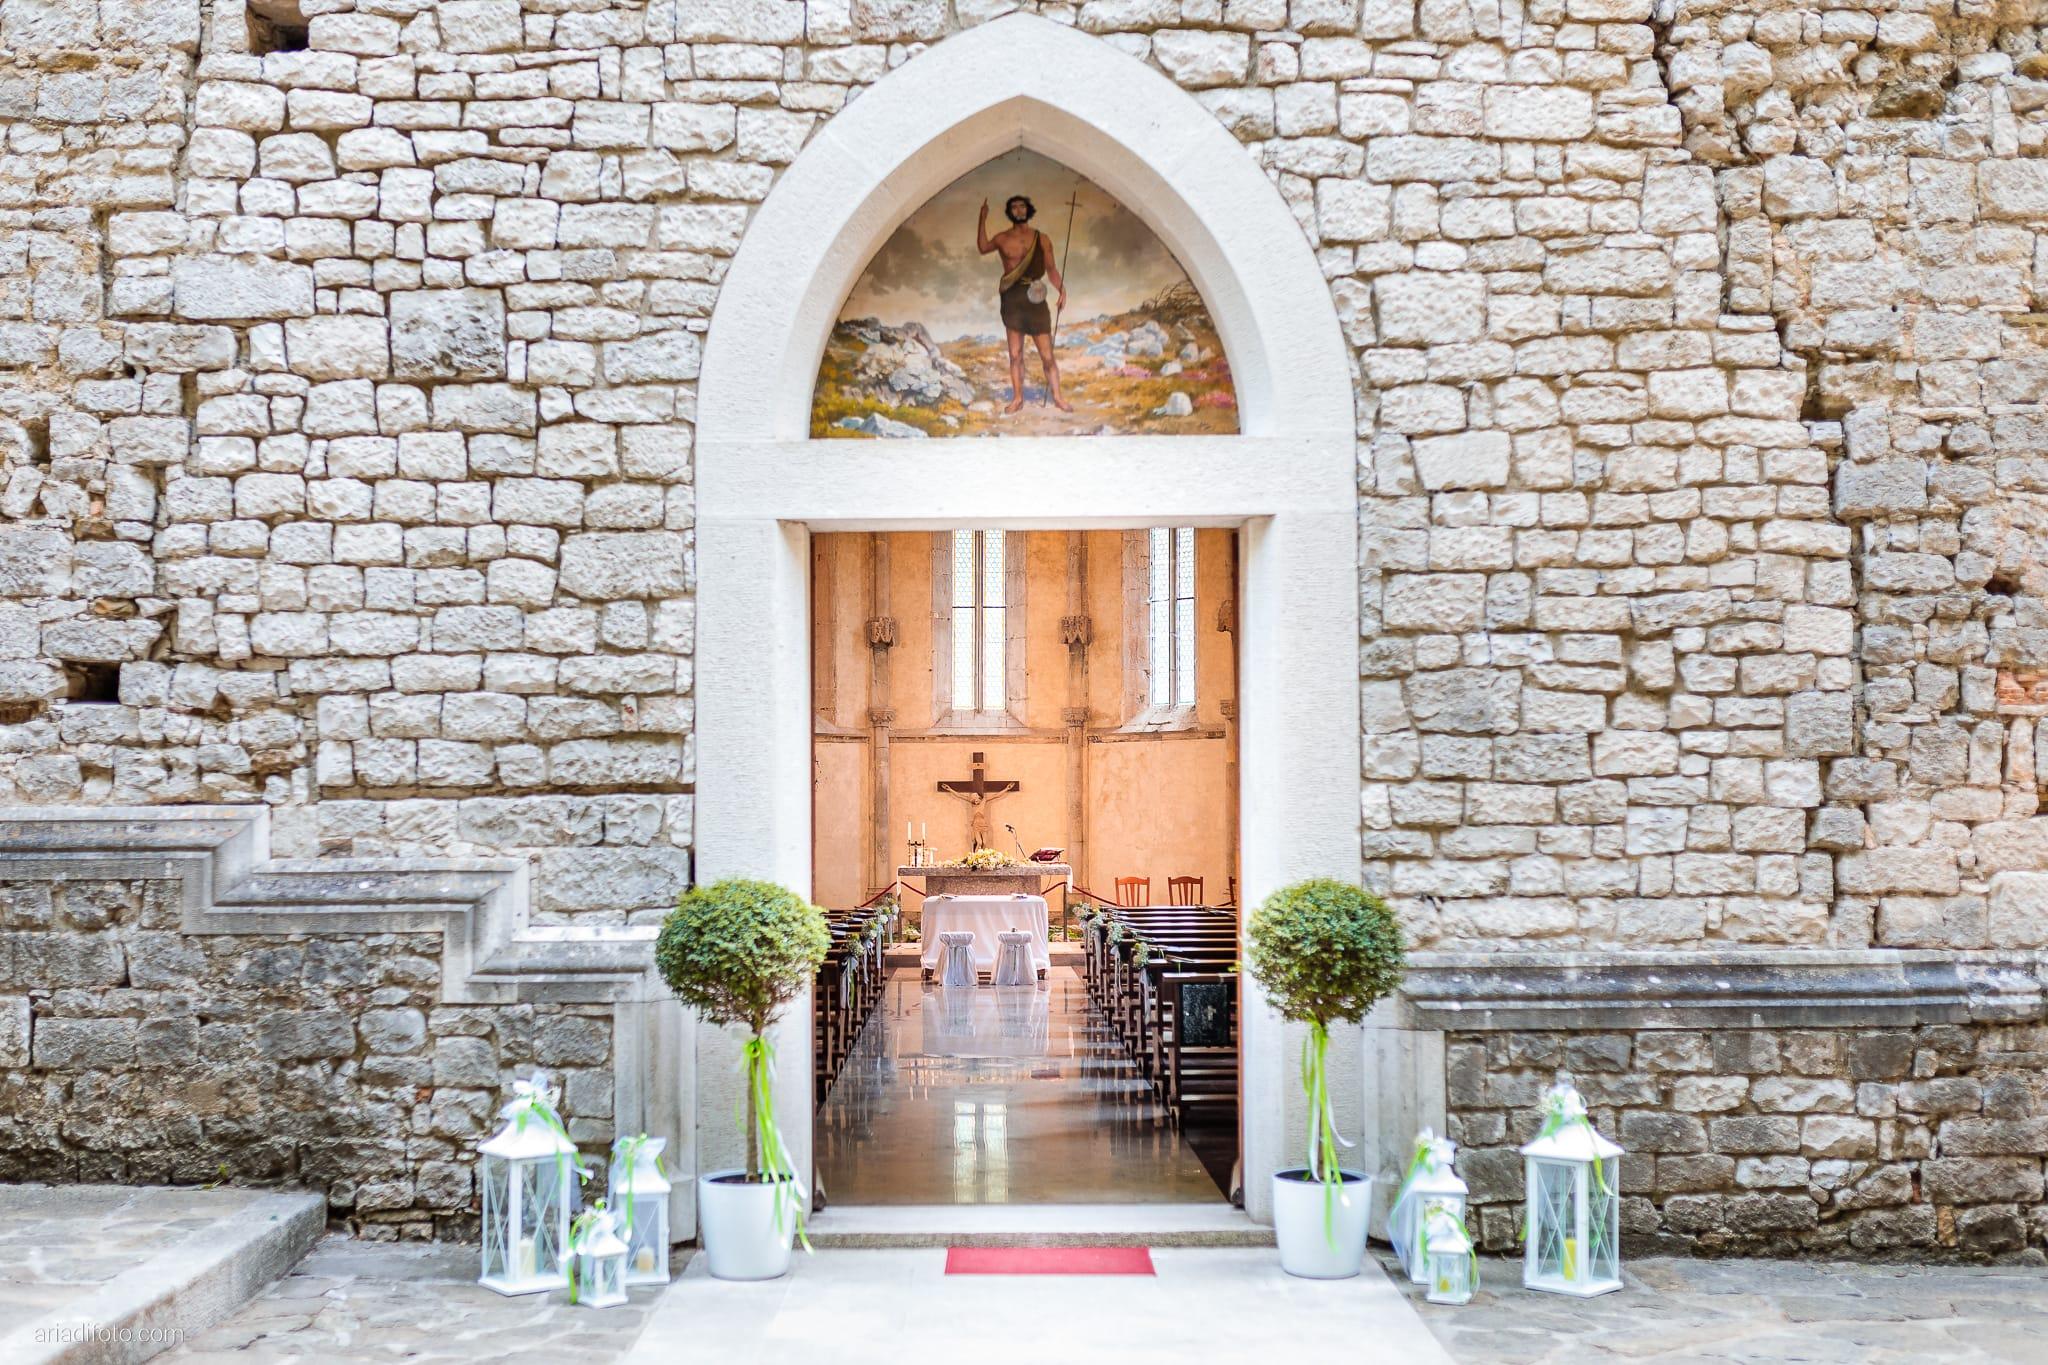 Rosylenia Luca Matrimonio Duino Chiesa San Giovanni in Tuba Ristorante Napoleone Castions Udine cerimonia dettagli